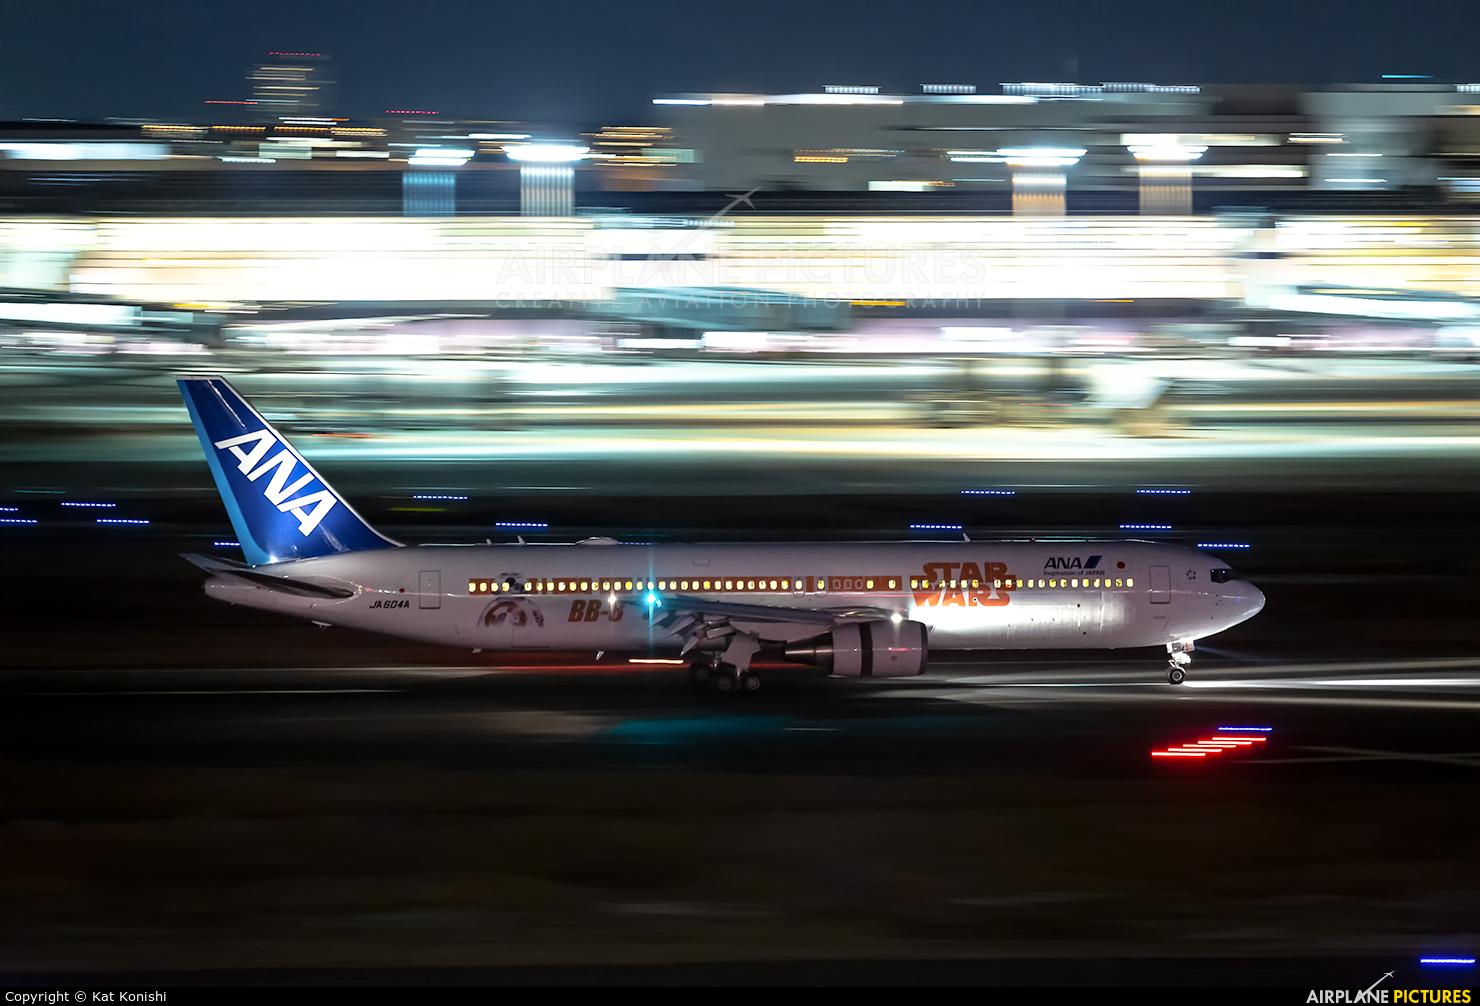 ANA - All Nippon Airways JA604A aircraft at Tokyo - Haneda Intl